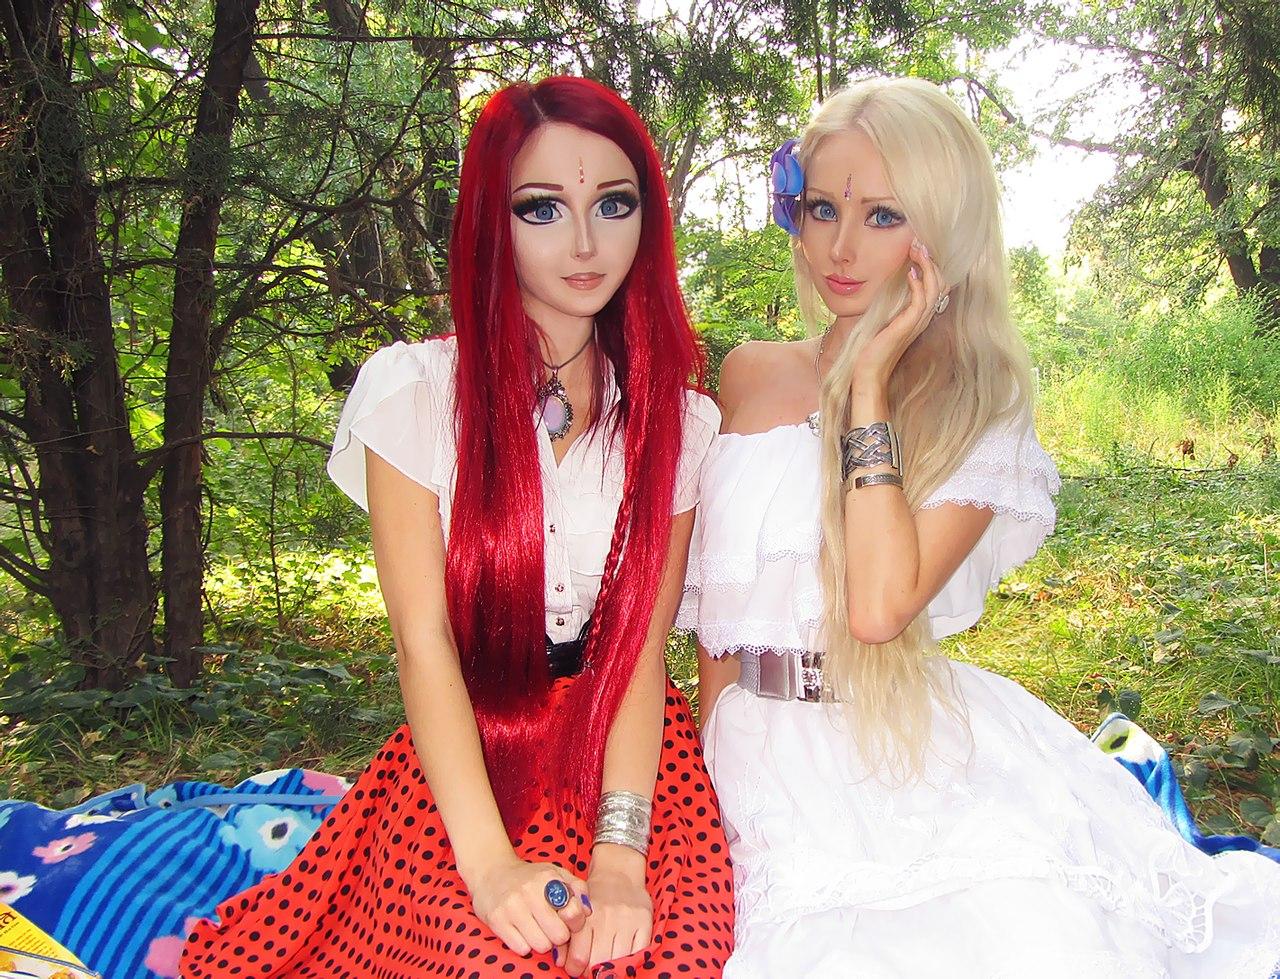 Фотосессия двух девушек 1 фотография